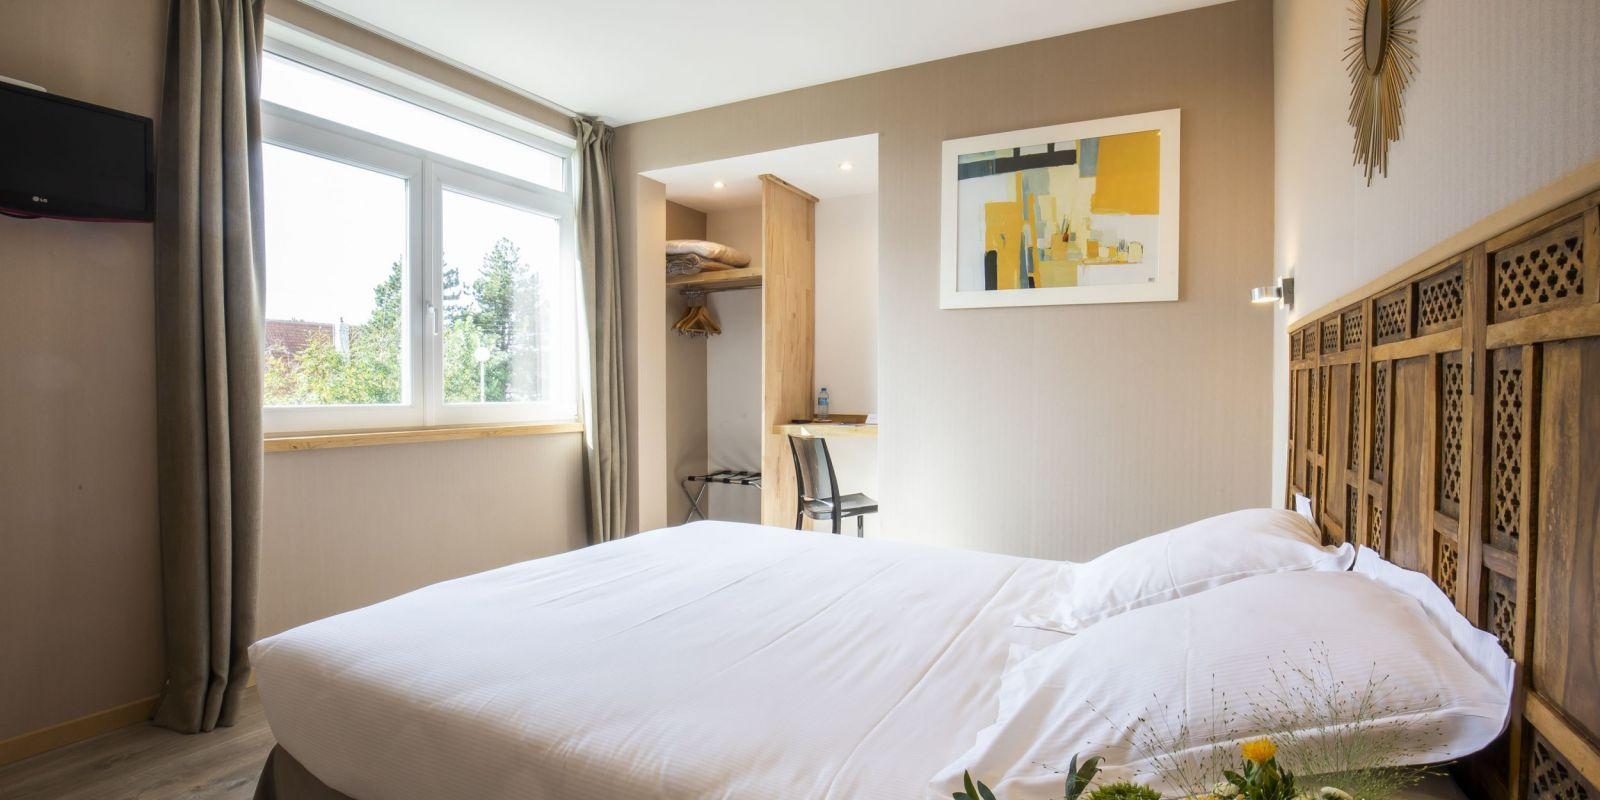 2020 09 Hotel Les Sables dOr Chambre 406 6